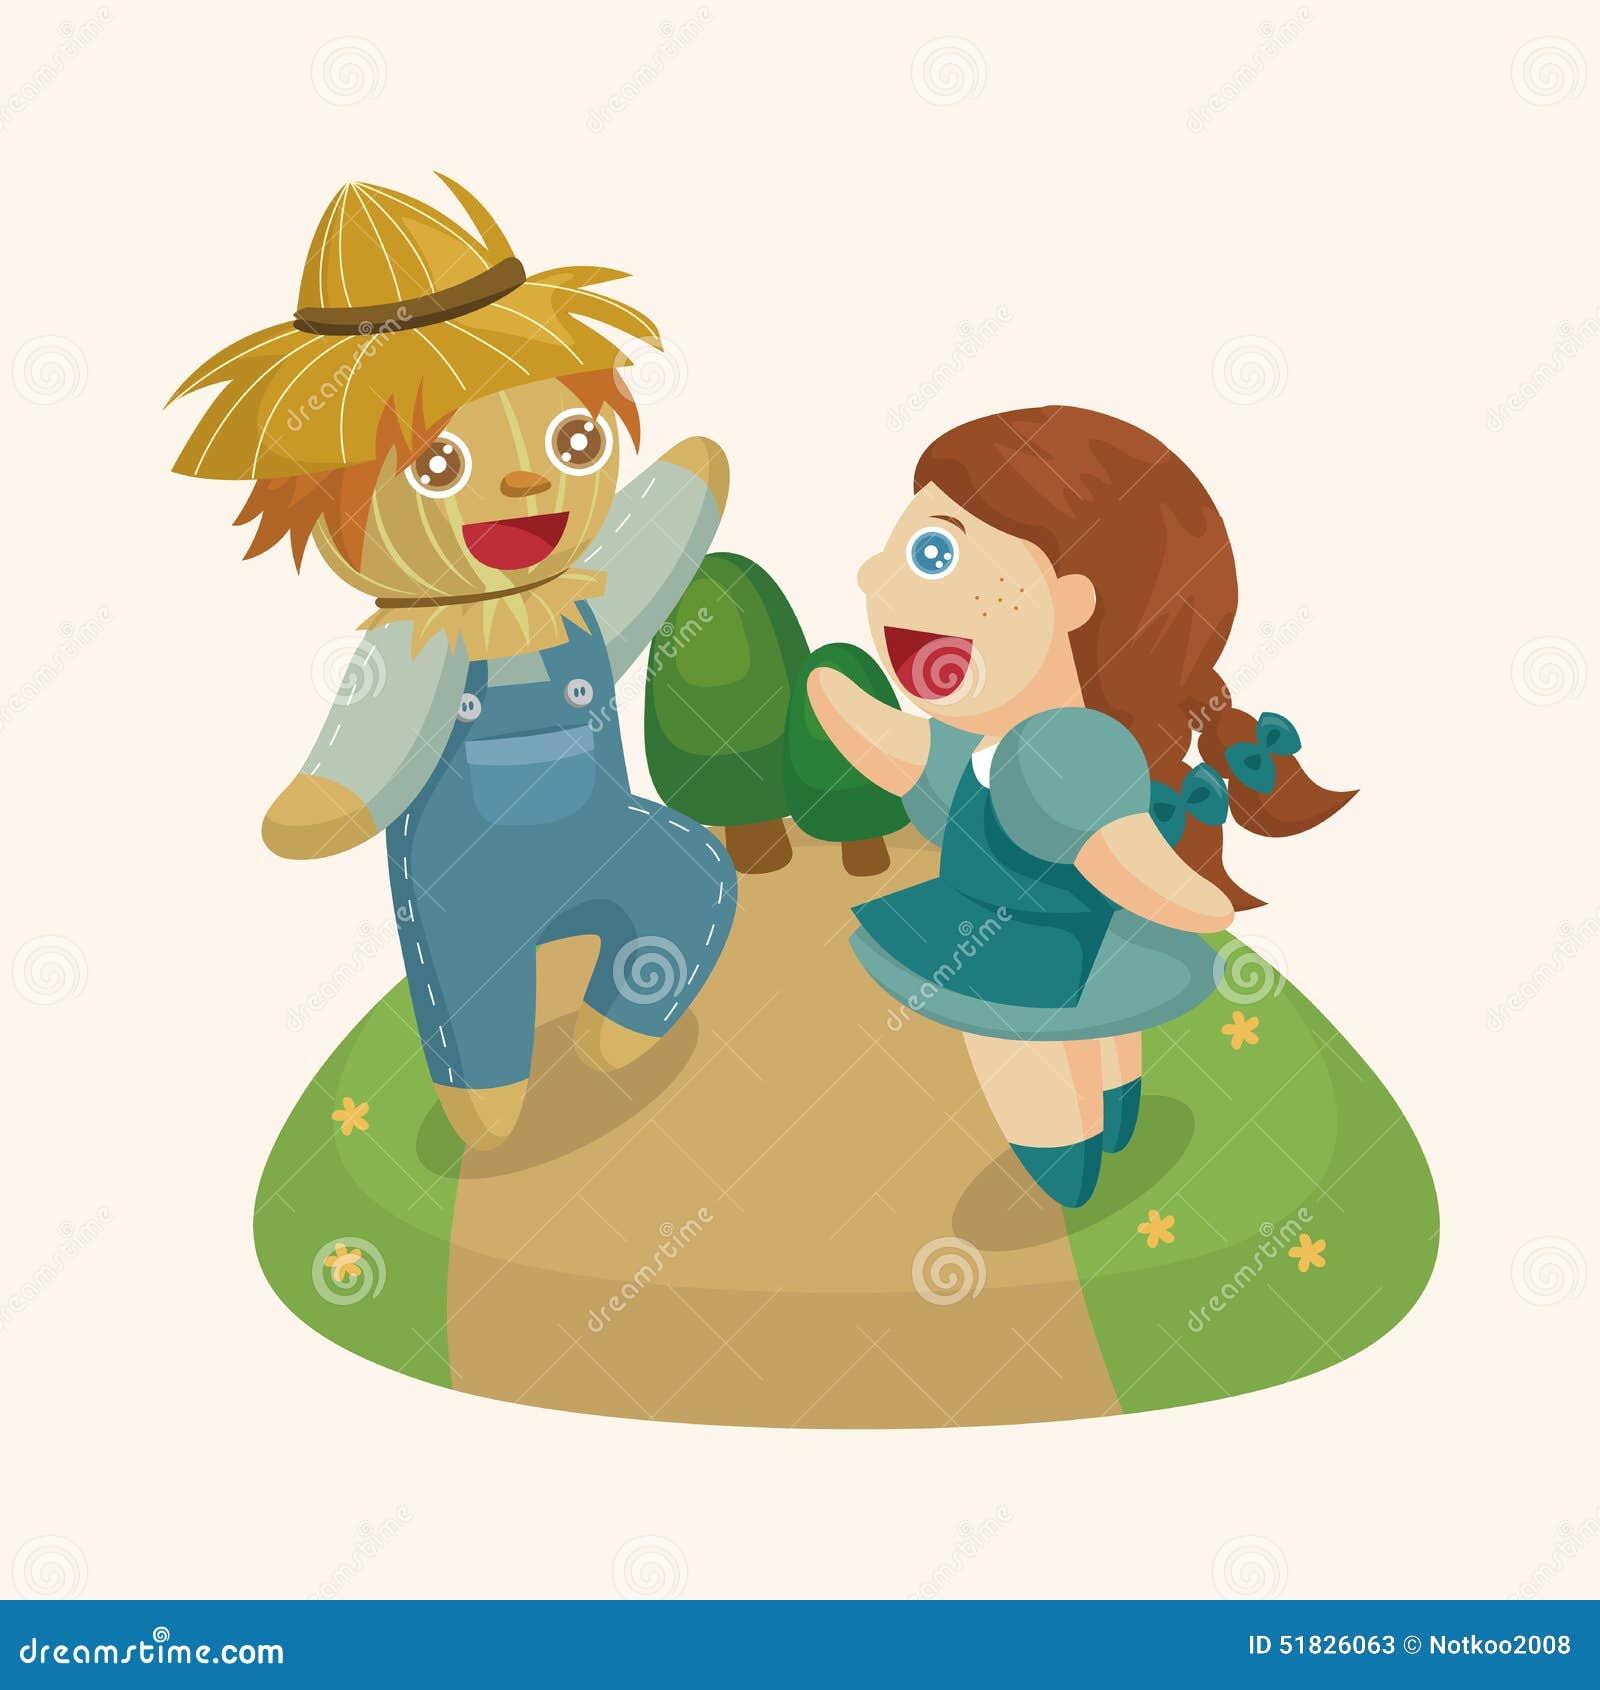 Os elementos do tema dos desenhos animados de mágico de Oz